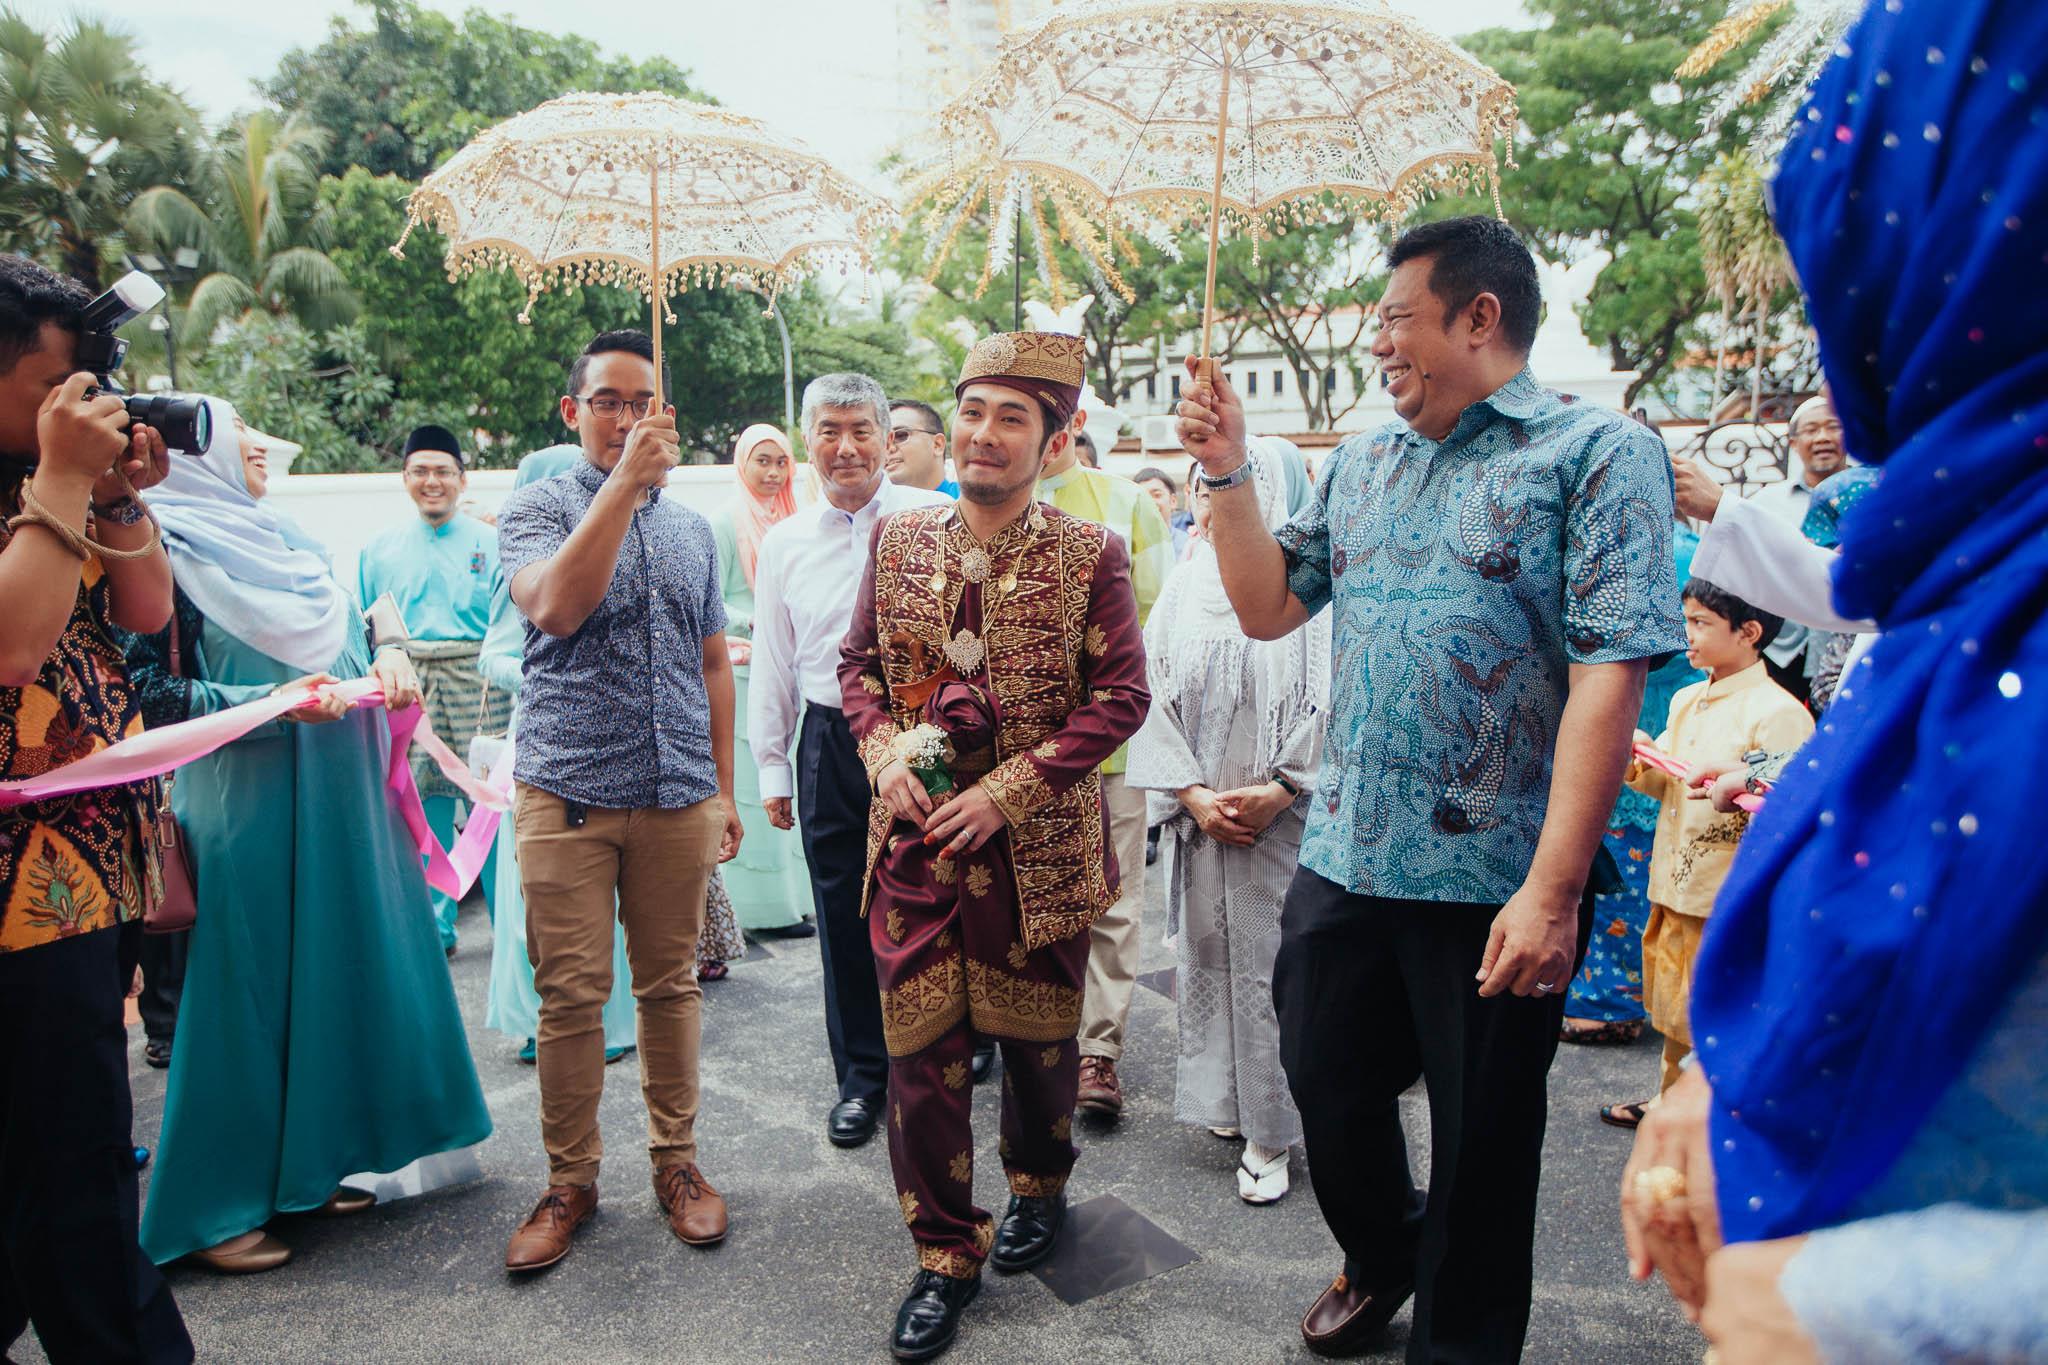 singapore-wedding-photographer-travel-wemadethese-atara-hafizah-46.jpg